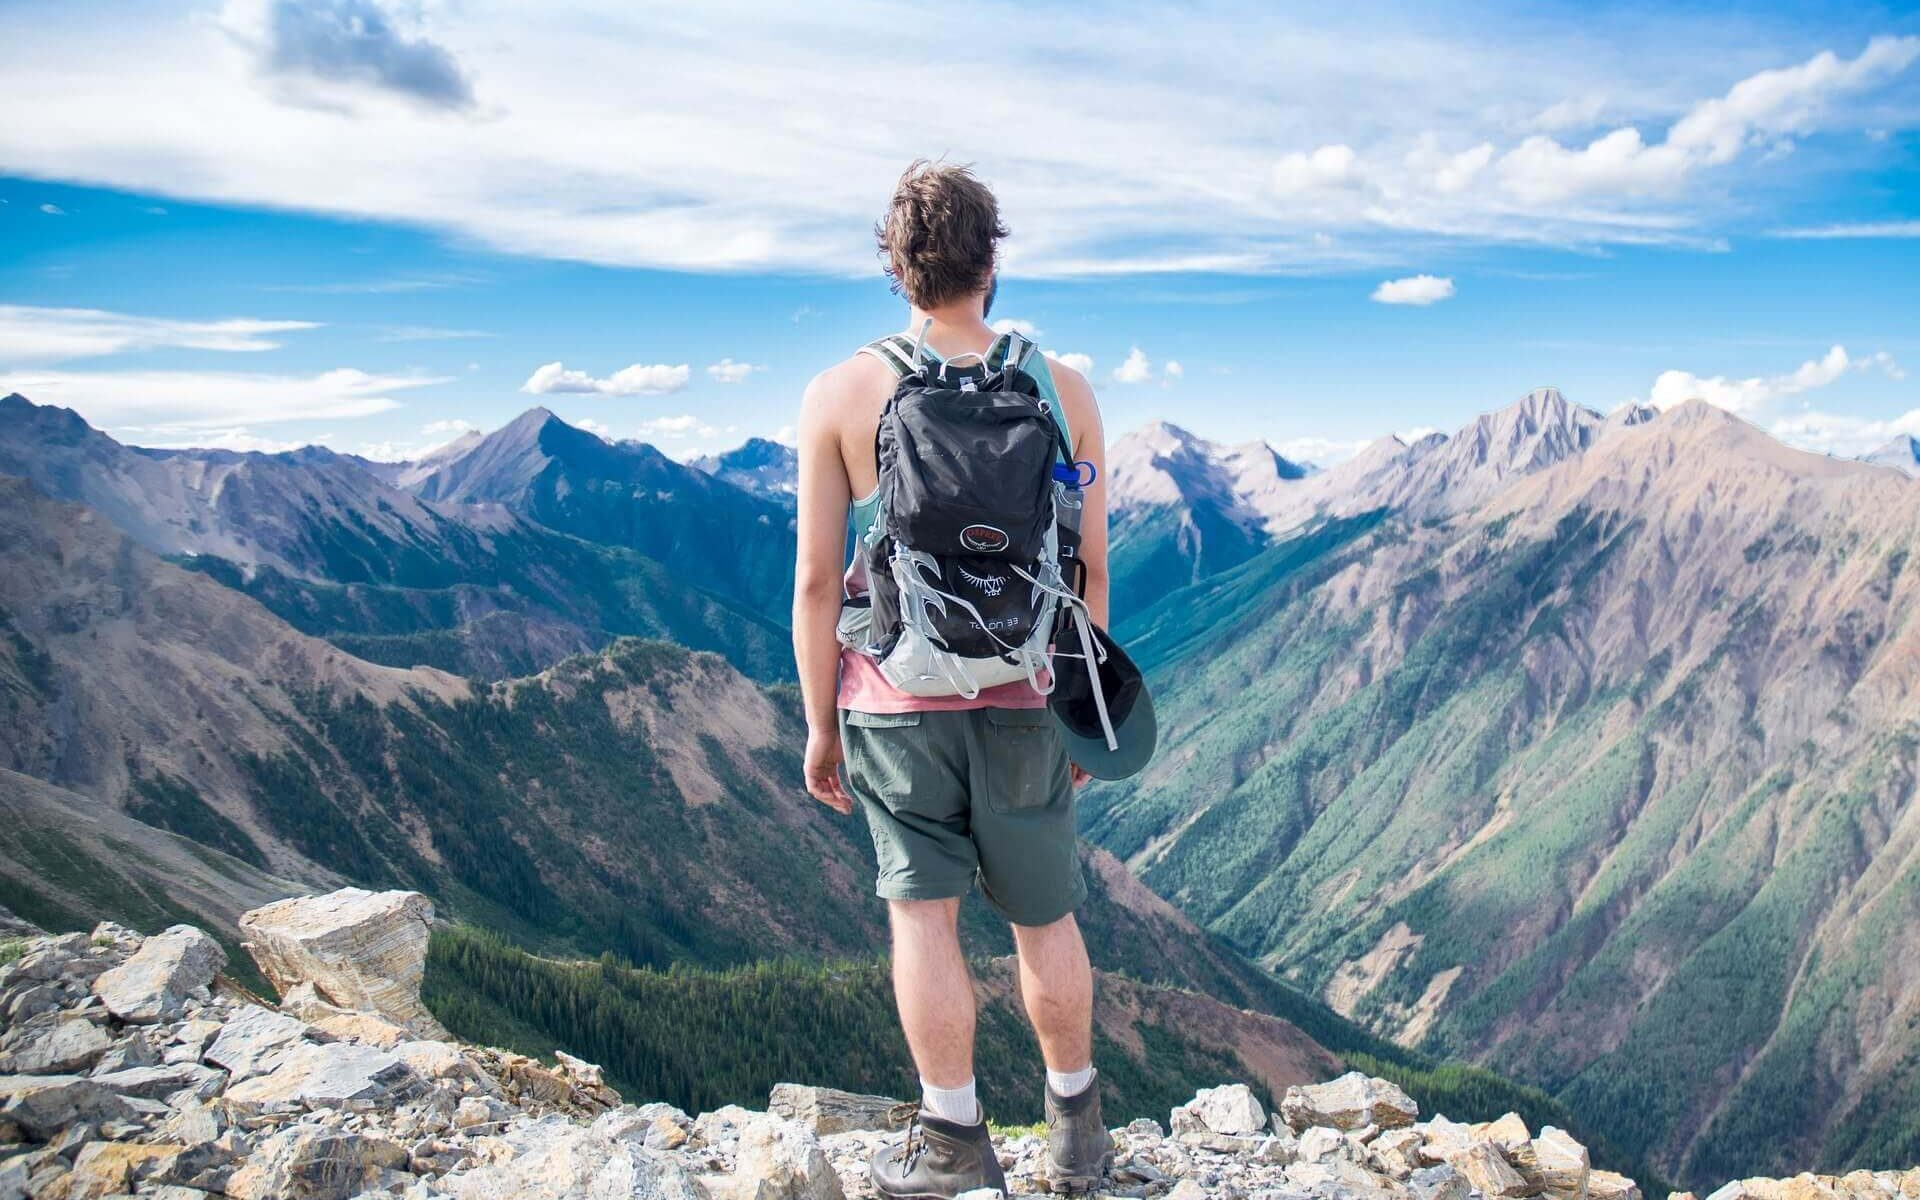 Lista pentru bagajul de munte - câteva secrete și sfaturi utile